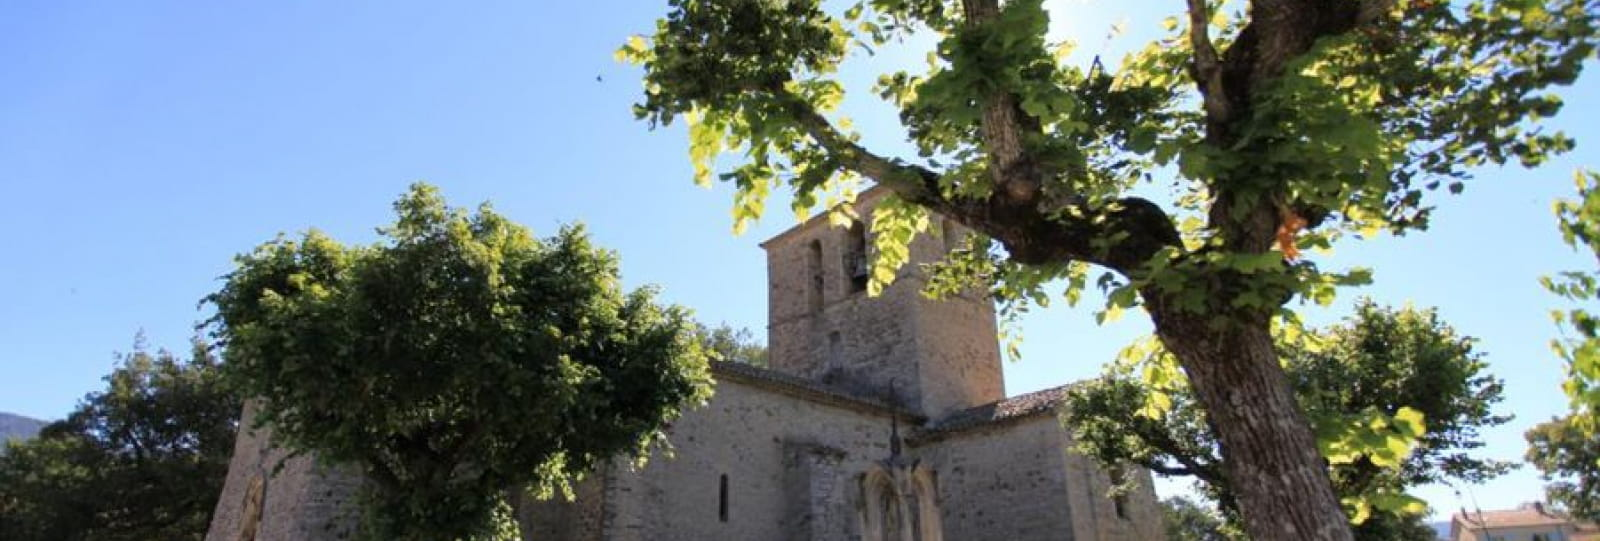 Eglise Notre Dame de Beauvert